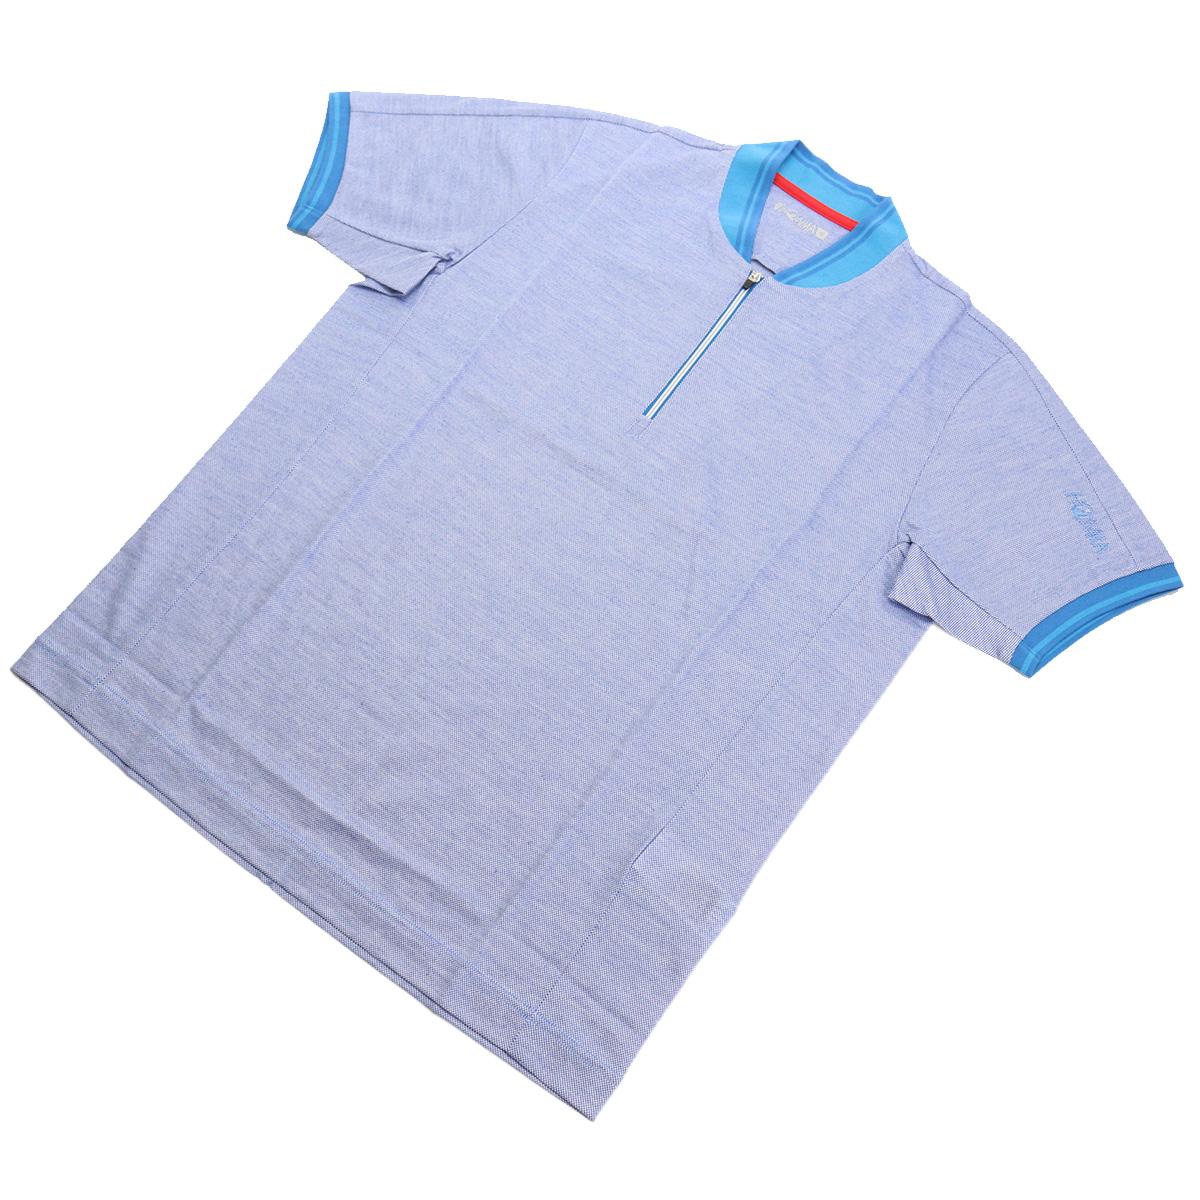 ※ 送料無料 ラッピング無料 Special Price ホンマゴルフ 本間ゴルフ メンズ-シャツ sp-02 セール品 ブルー系 931-731112 420 ハーフジッププルオーバー BL 特価キャンペーン golf-01